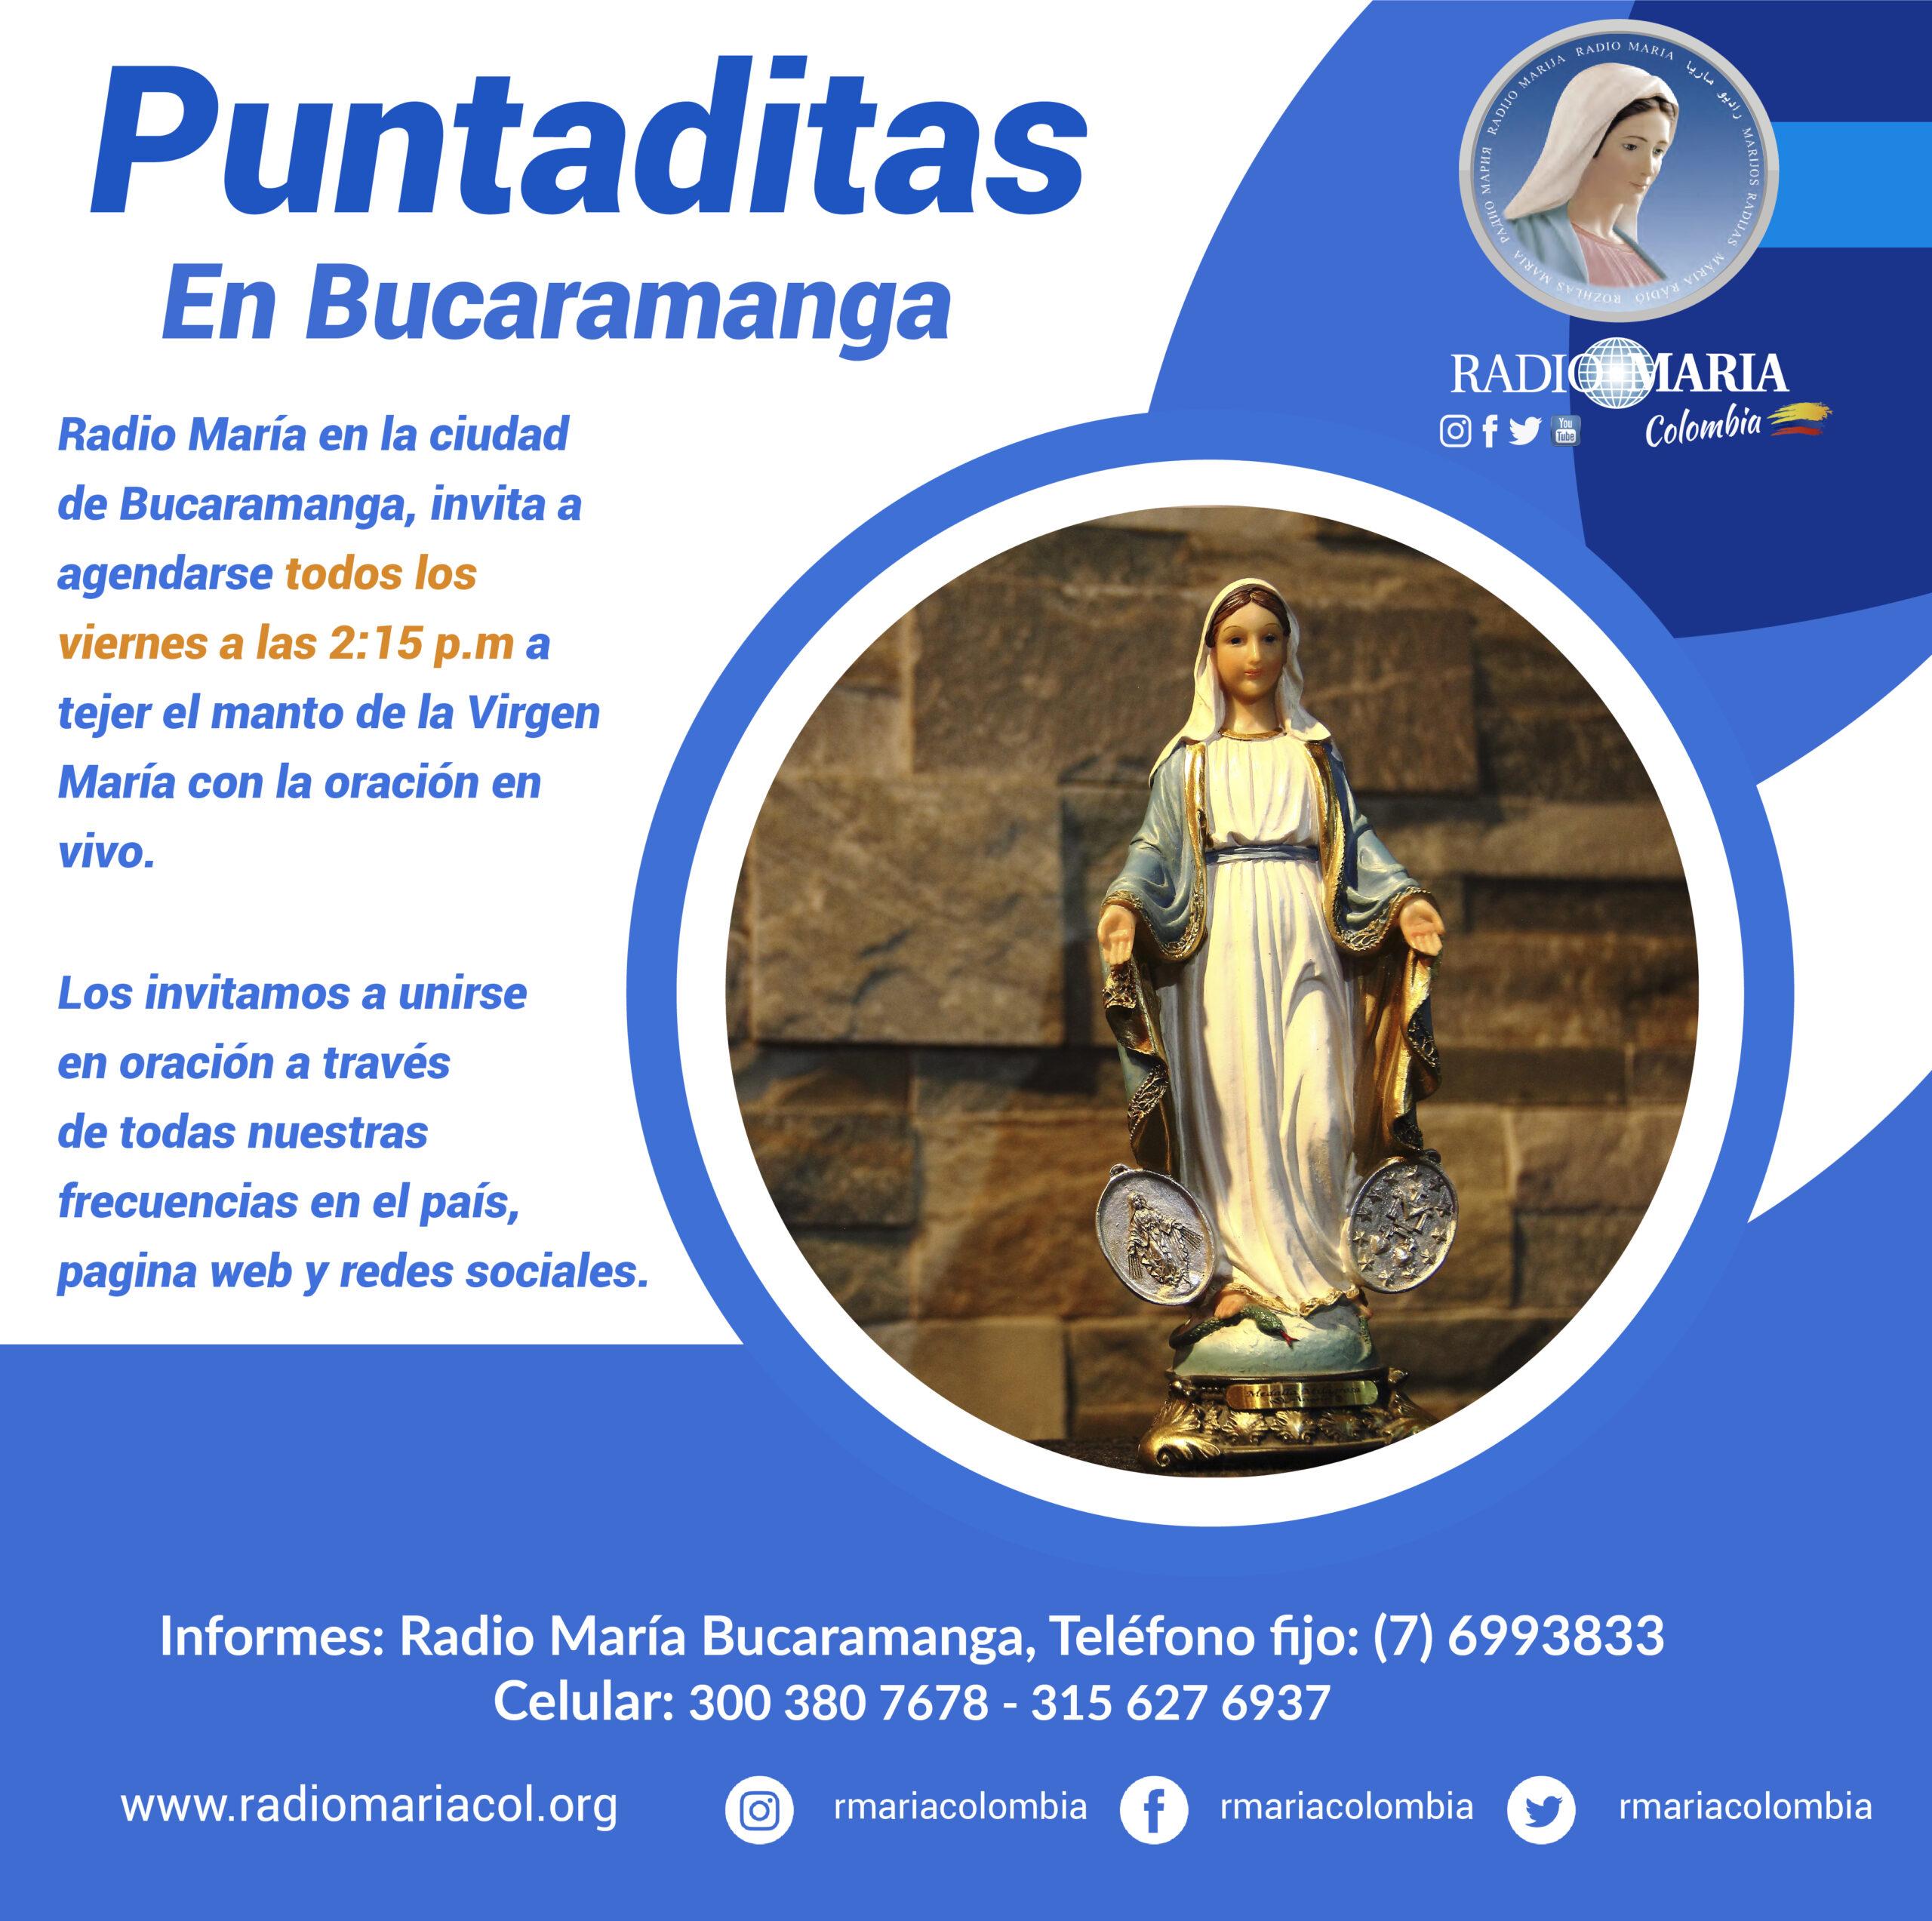 flyer puntaditas en Bucaramanga